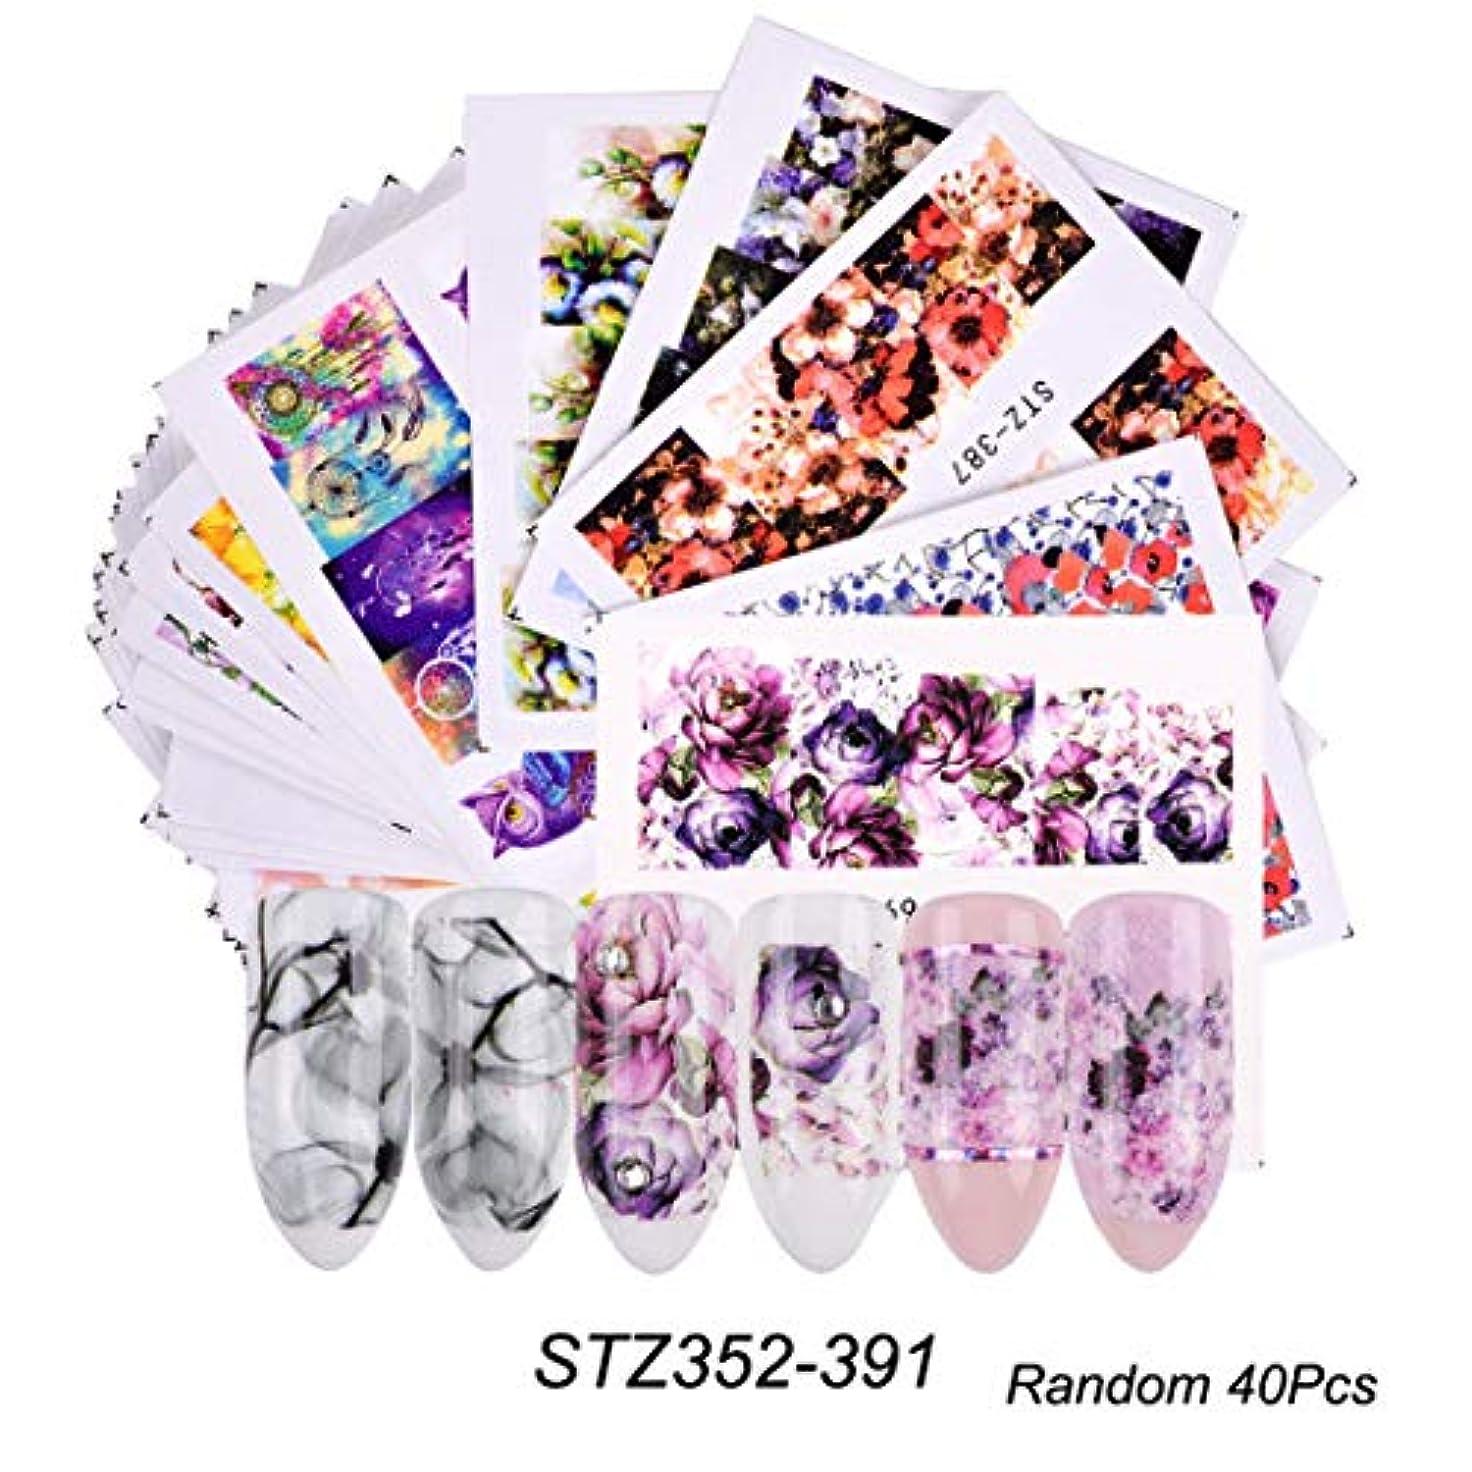 農民バタフライ美容師(STZ352-391) 40枚セット 3Dカラフルな花 ネイルシールウォーターネイルシール爪に貼るだけネイルデコレーション